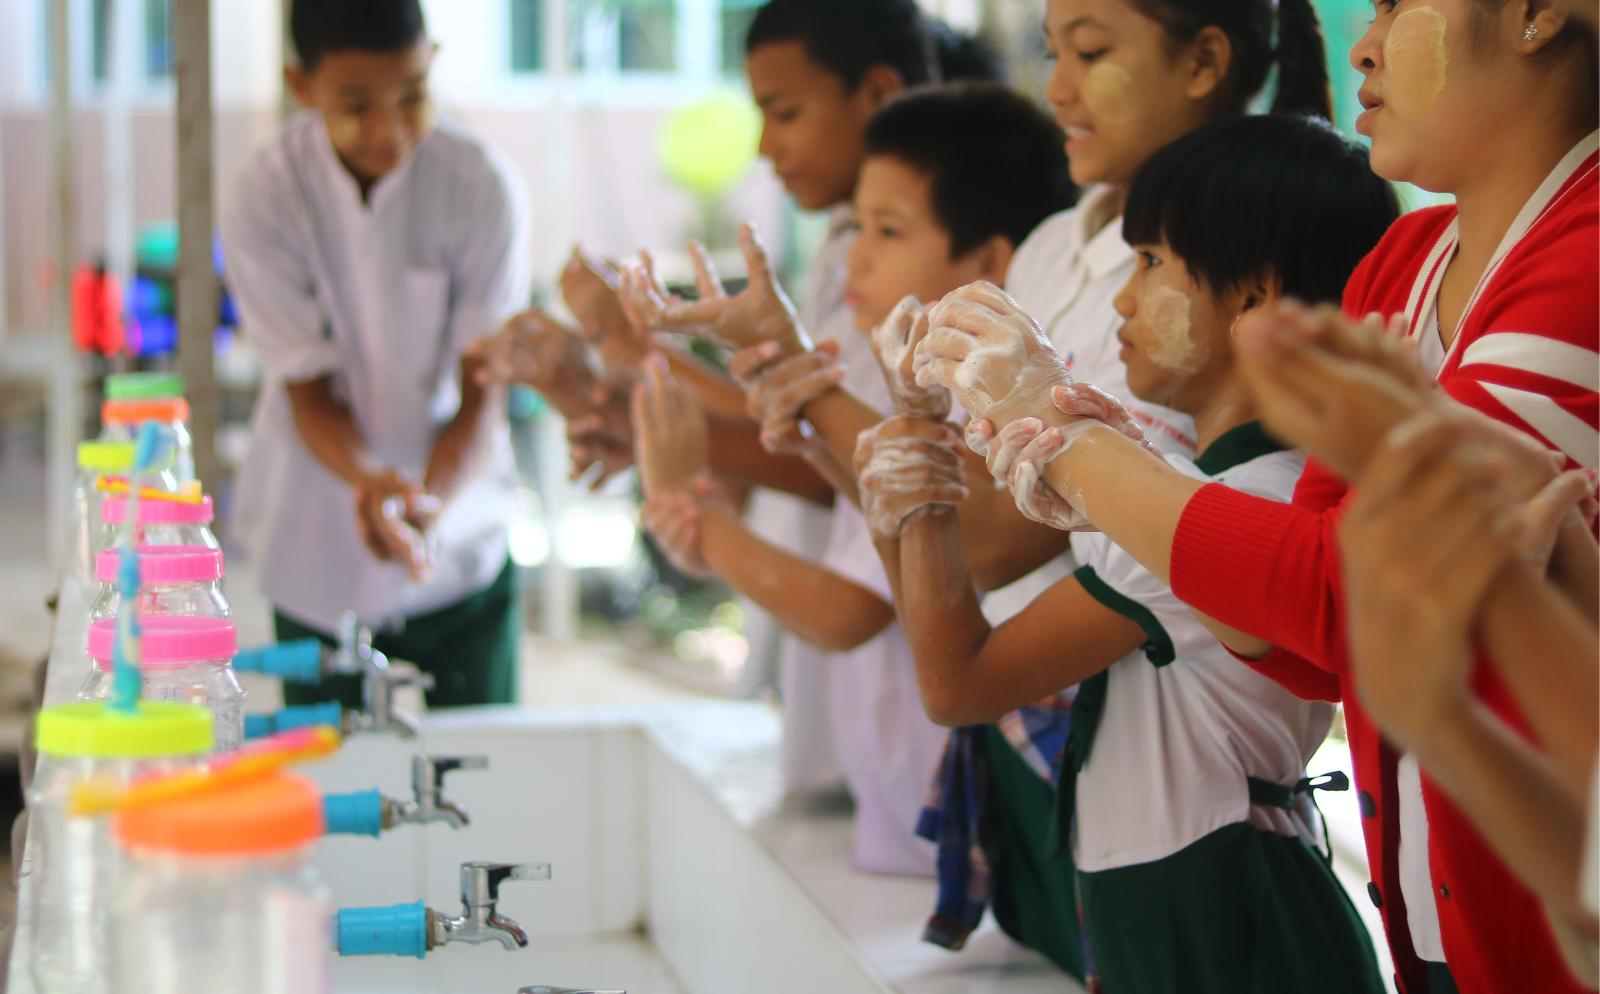 Dans l'un de nos stages, les enfants apprennent à se laver les mains pour éviter la propagation des maladies.